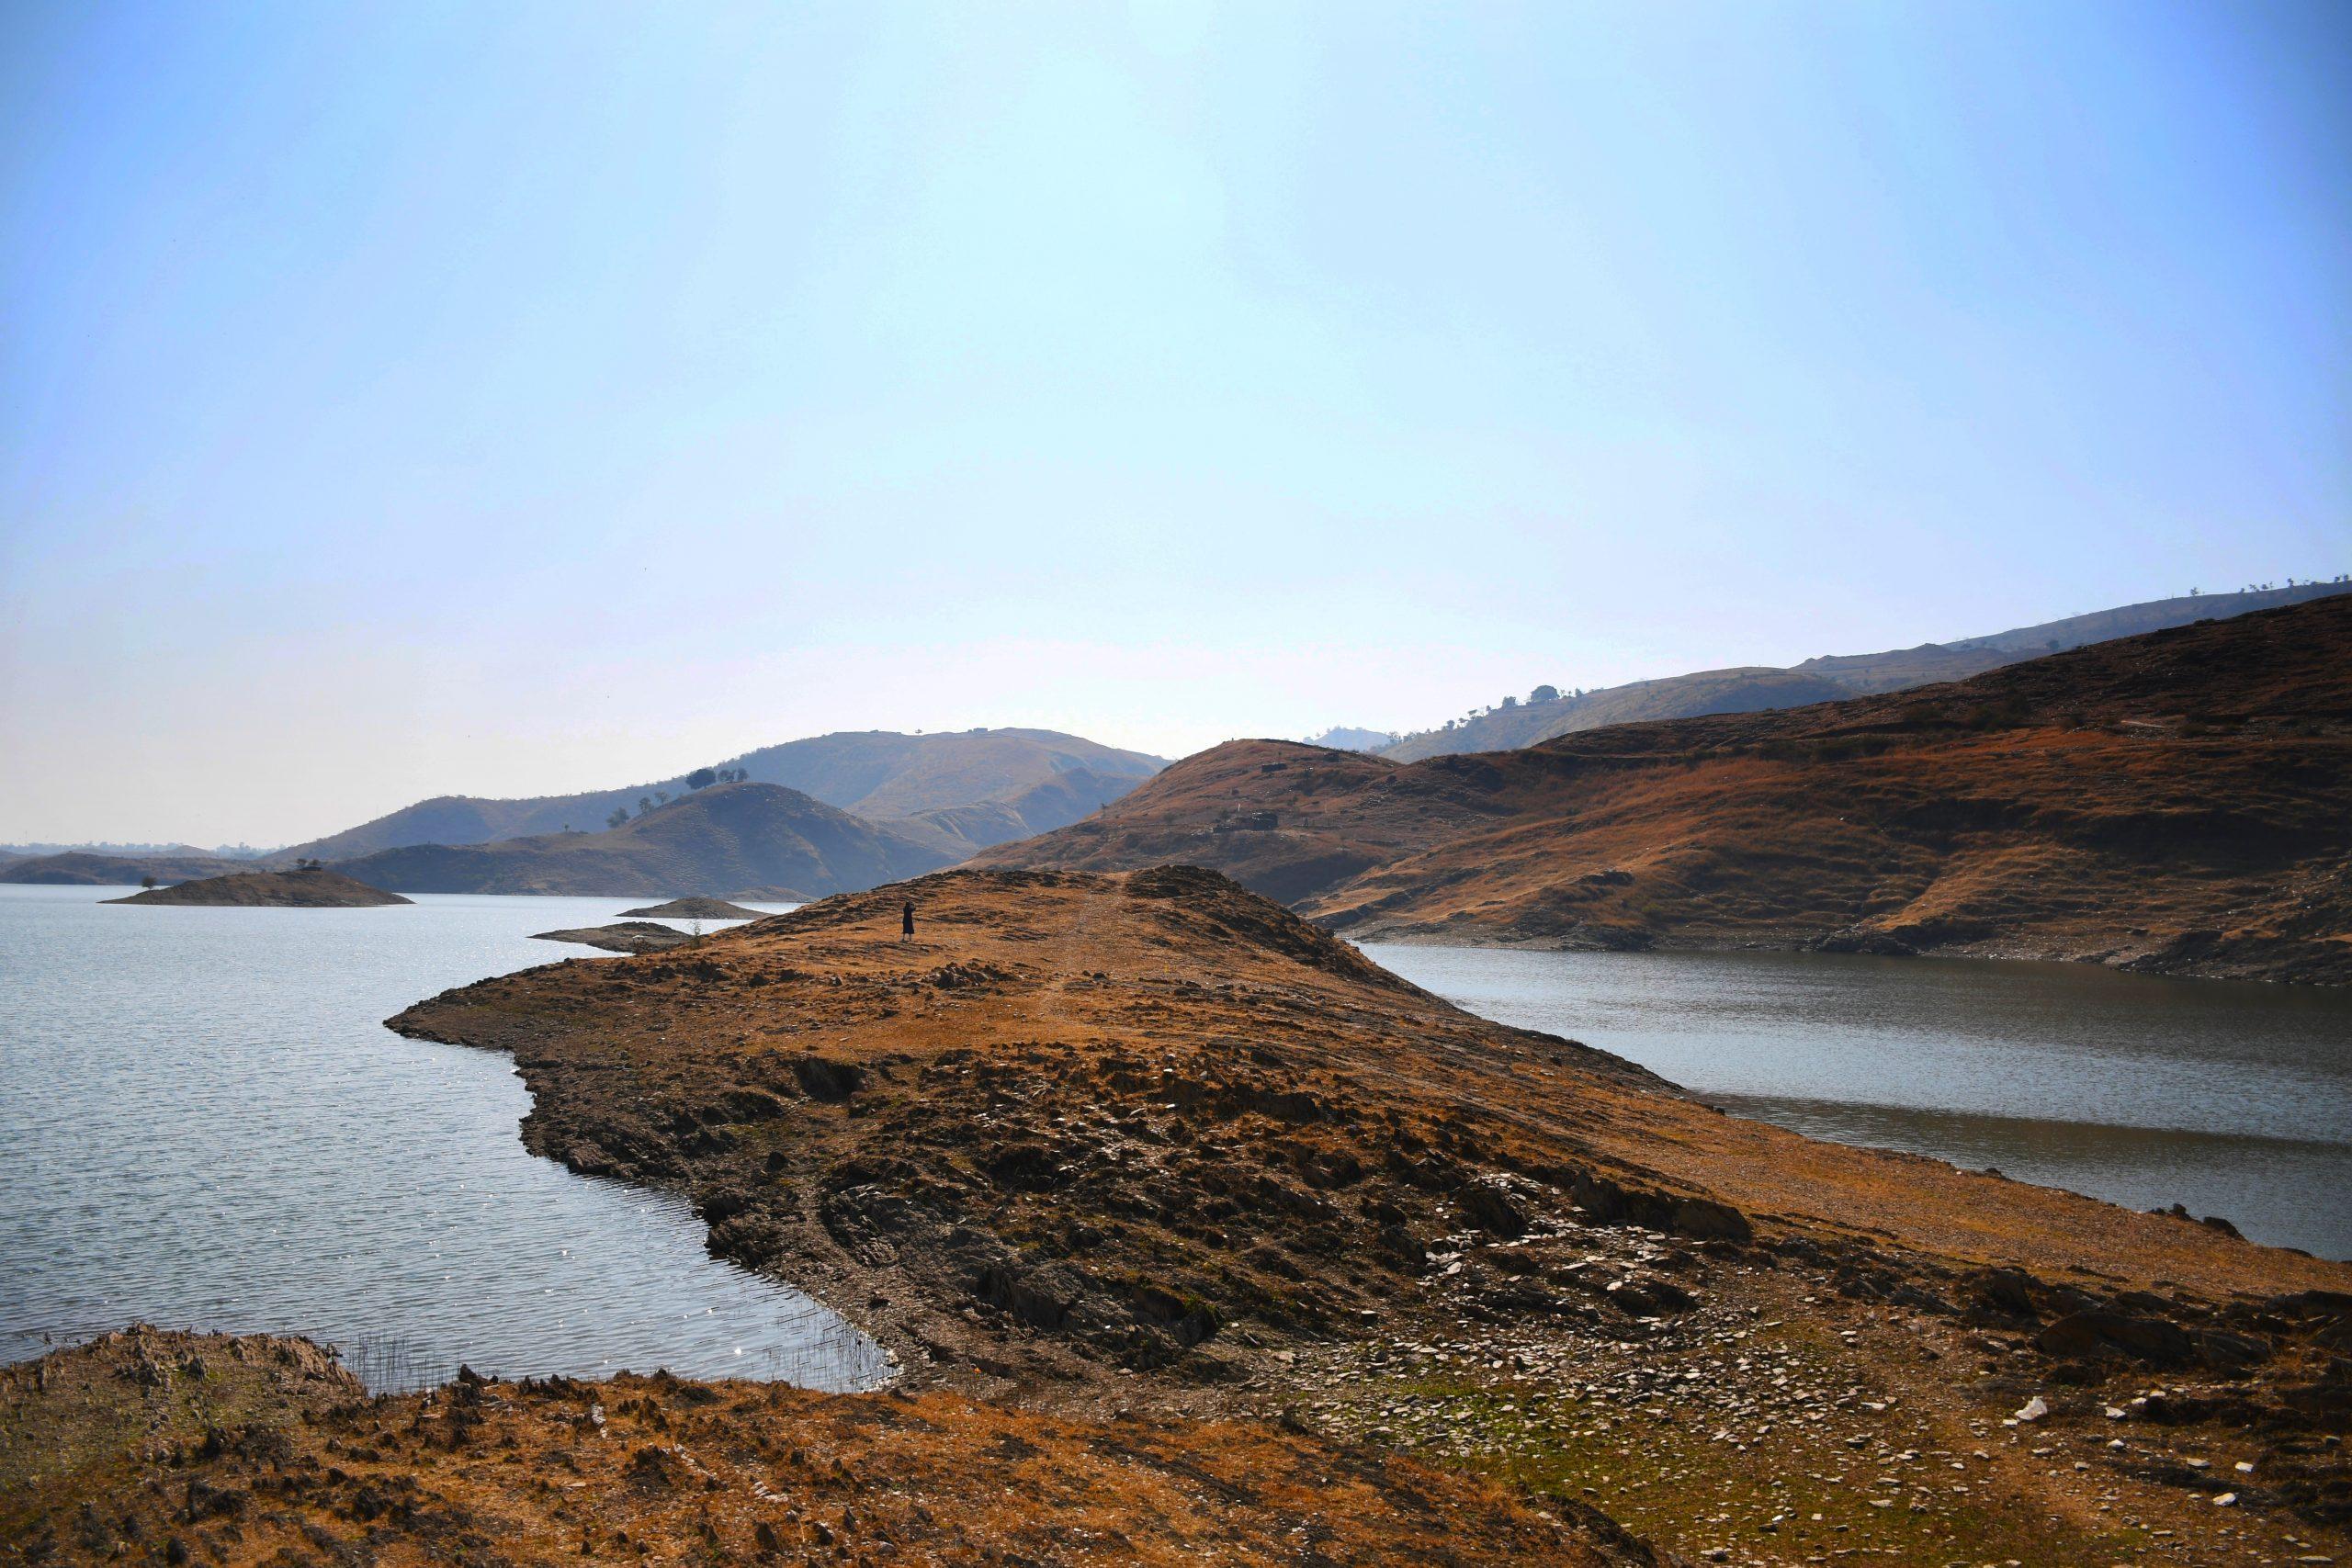 Alsigarh Reservoir